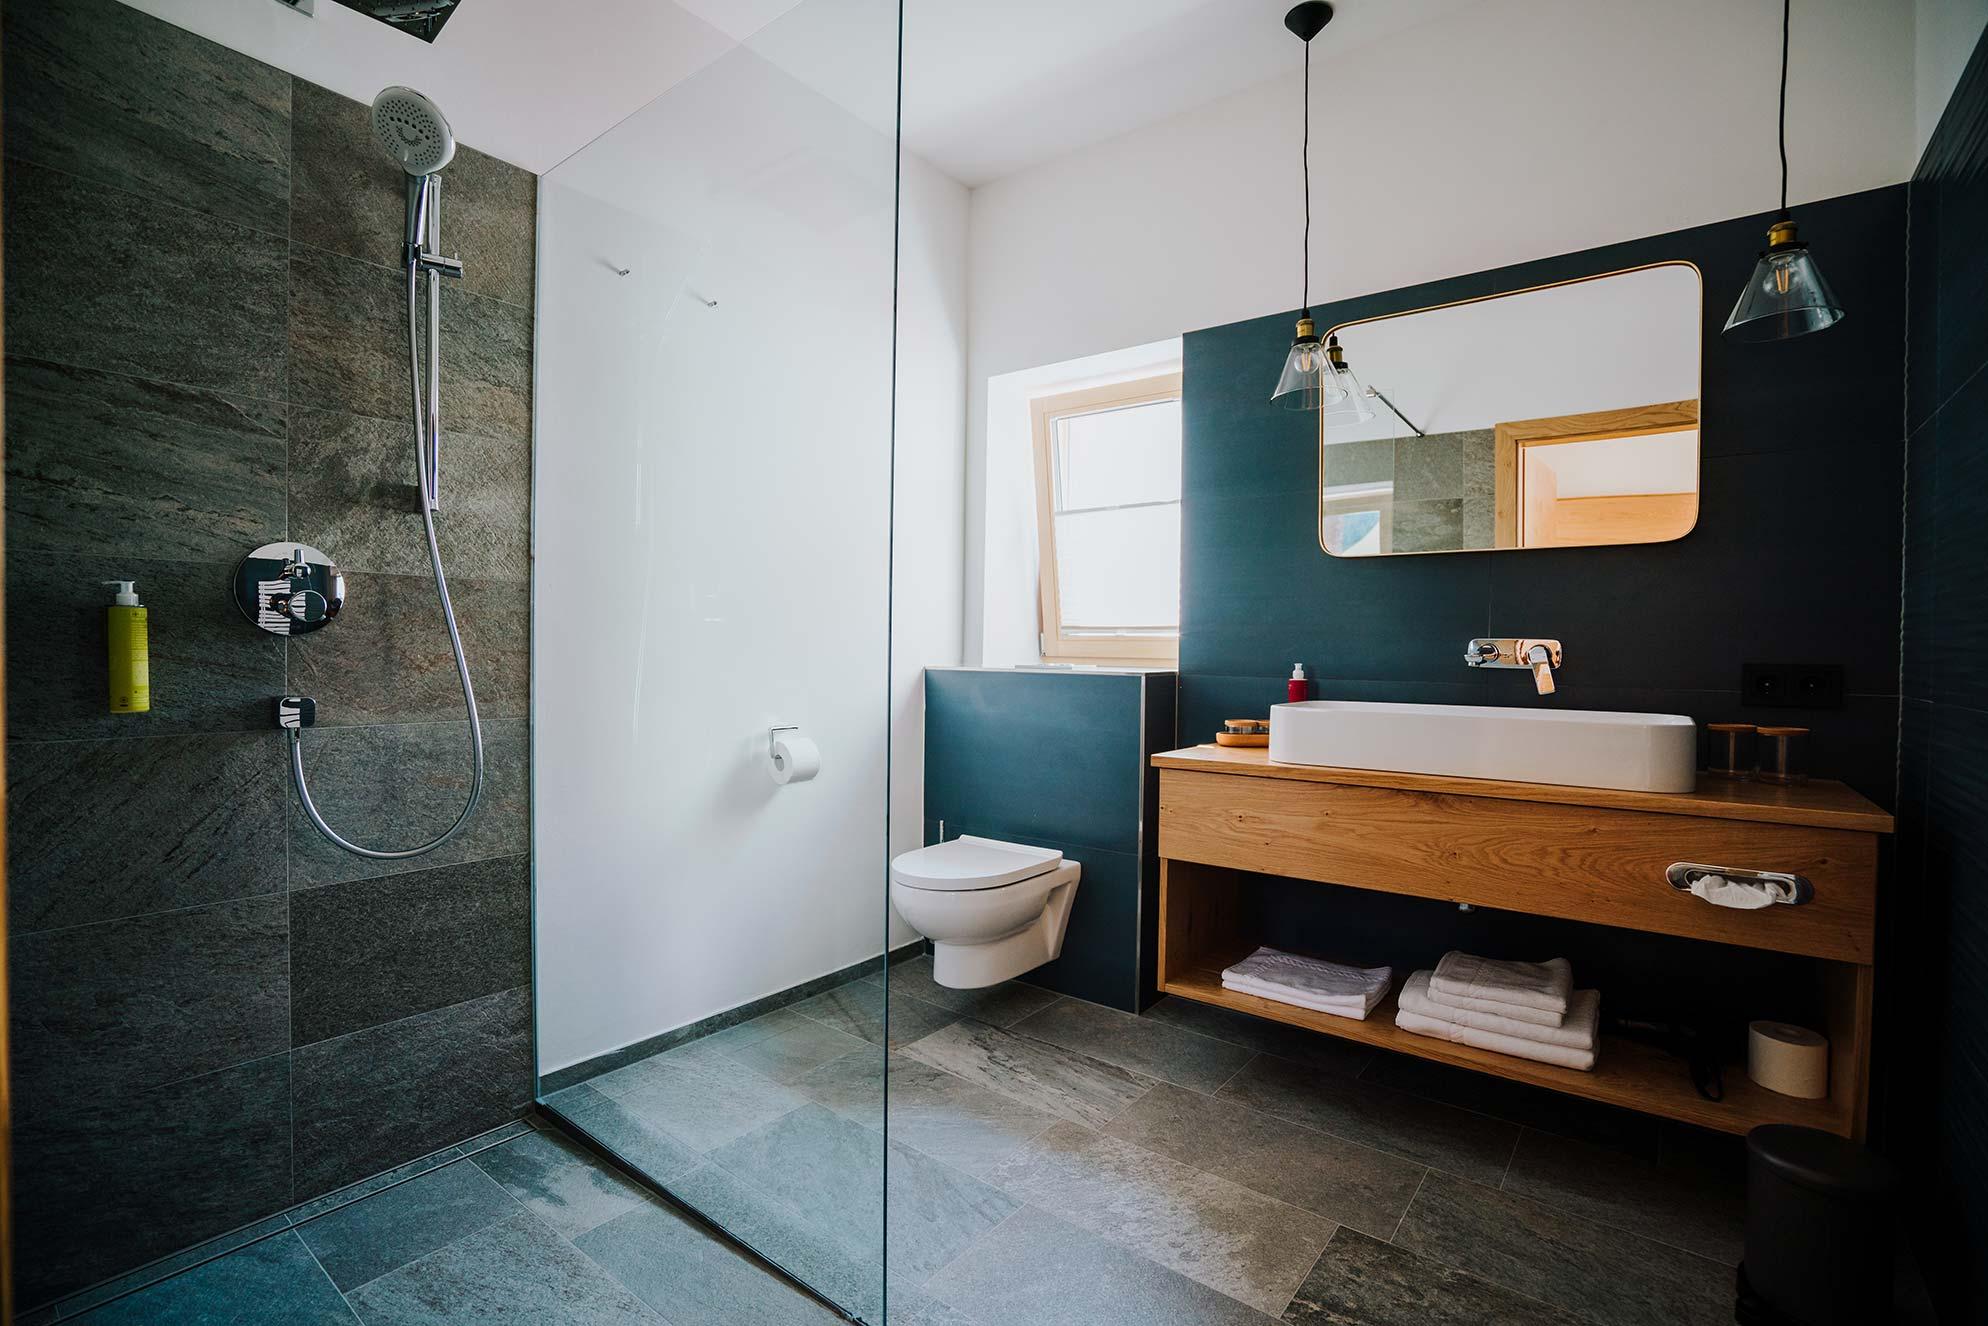 badezimmer-kleiner-bär